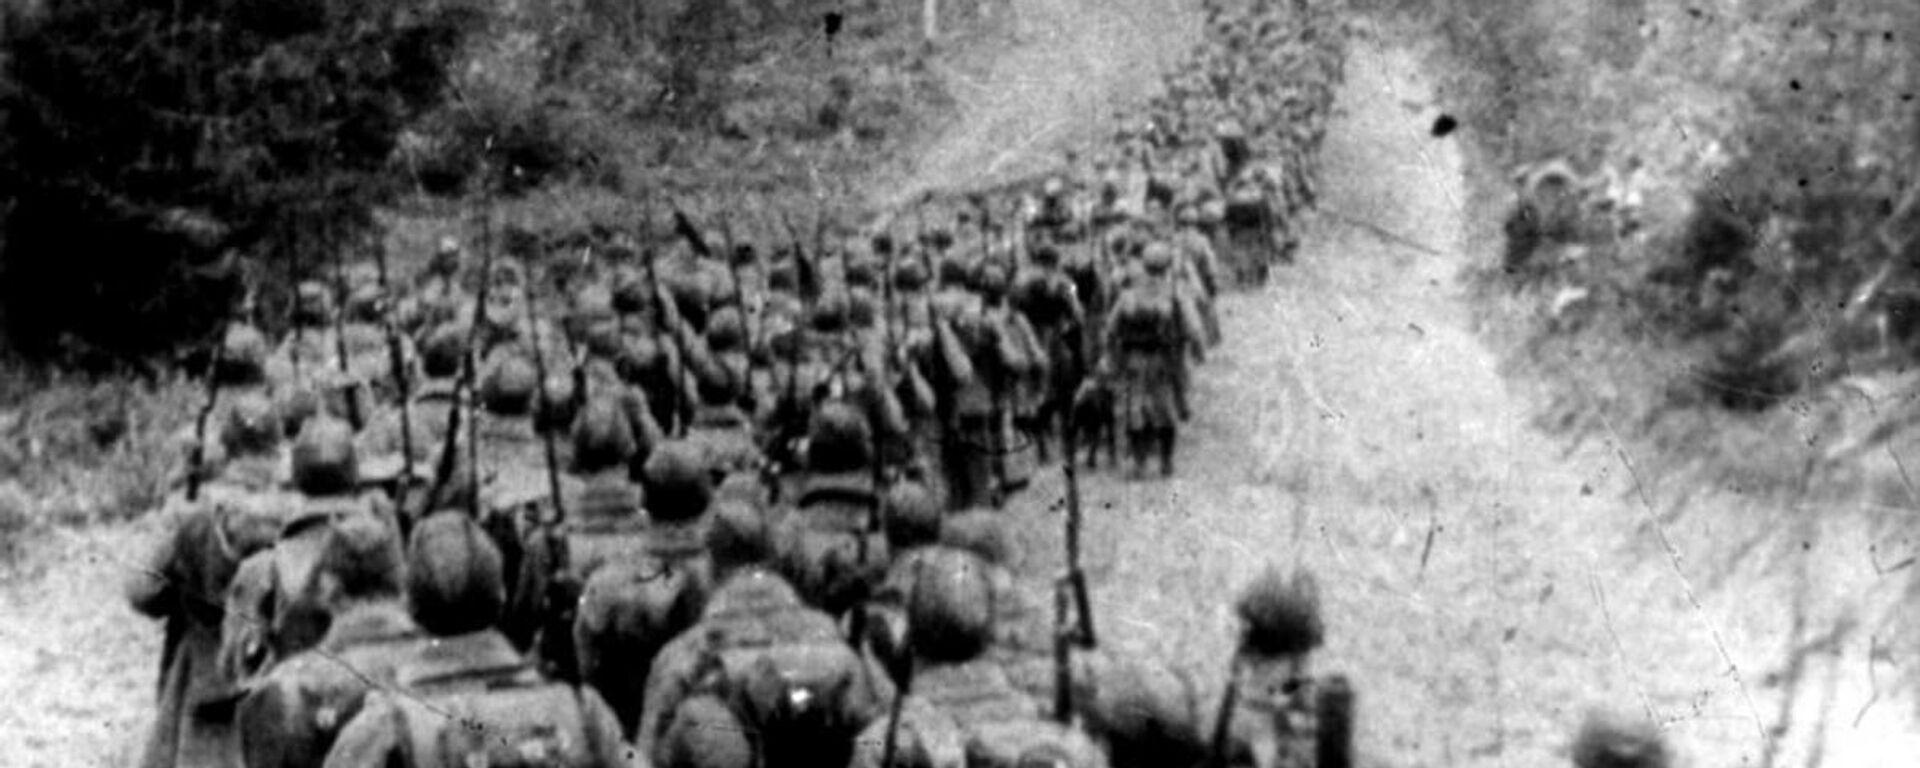 Radzieckie wojska przekraczają granicę Polski, 1939 rok - Sputnik Polska, 1920, 17.09.2021